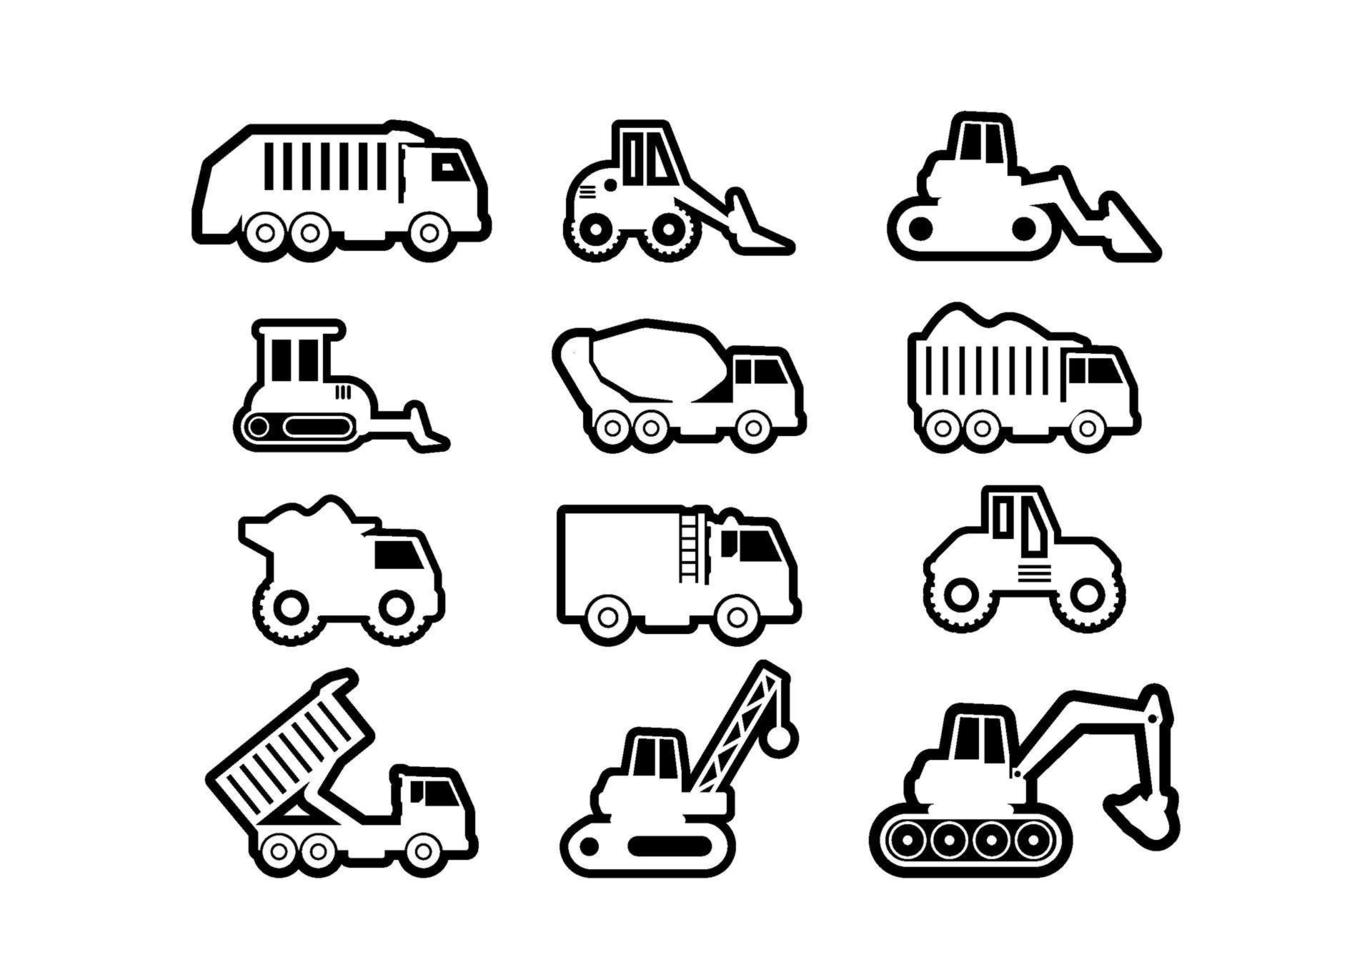 conjunto de vectores de ilustración de icono de vehículo pesado